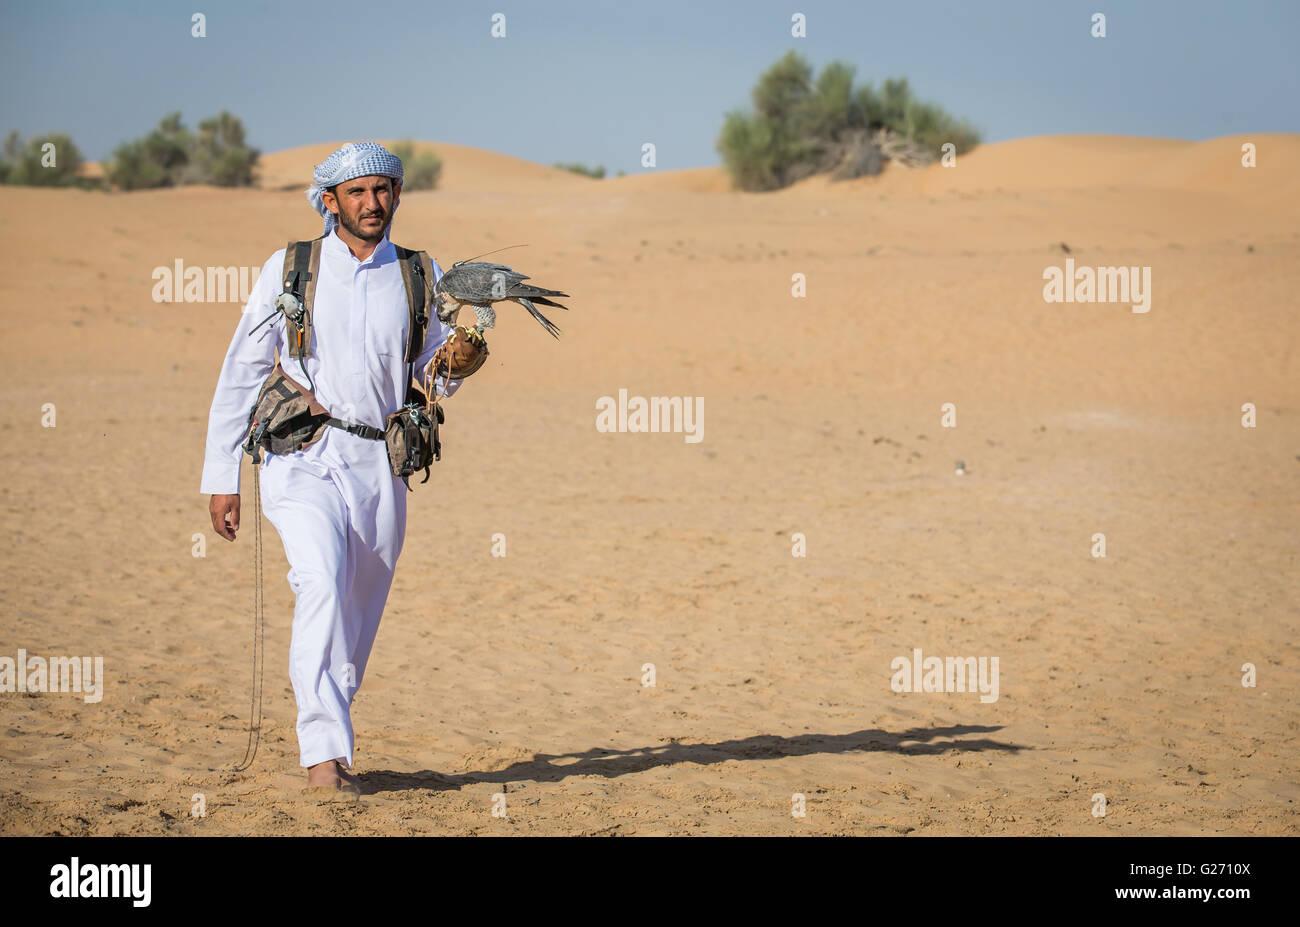 L'homme arabe marche dans un désert près de Dubaï avec le faucon pèlerin sur sa main Photo Stock